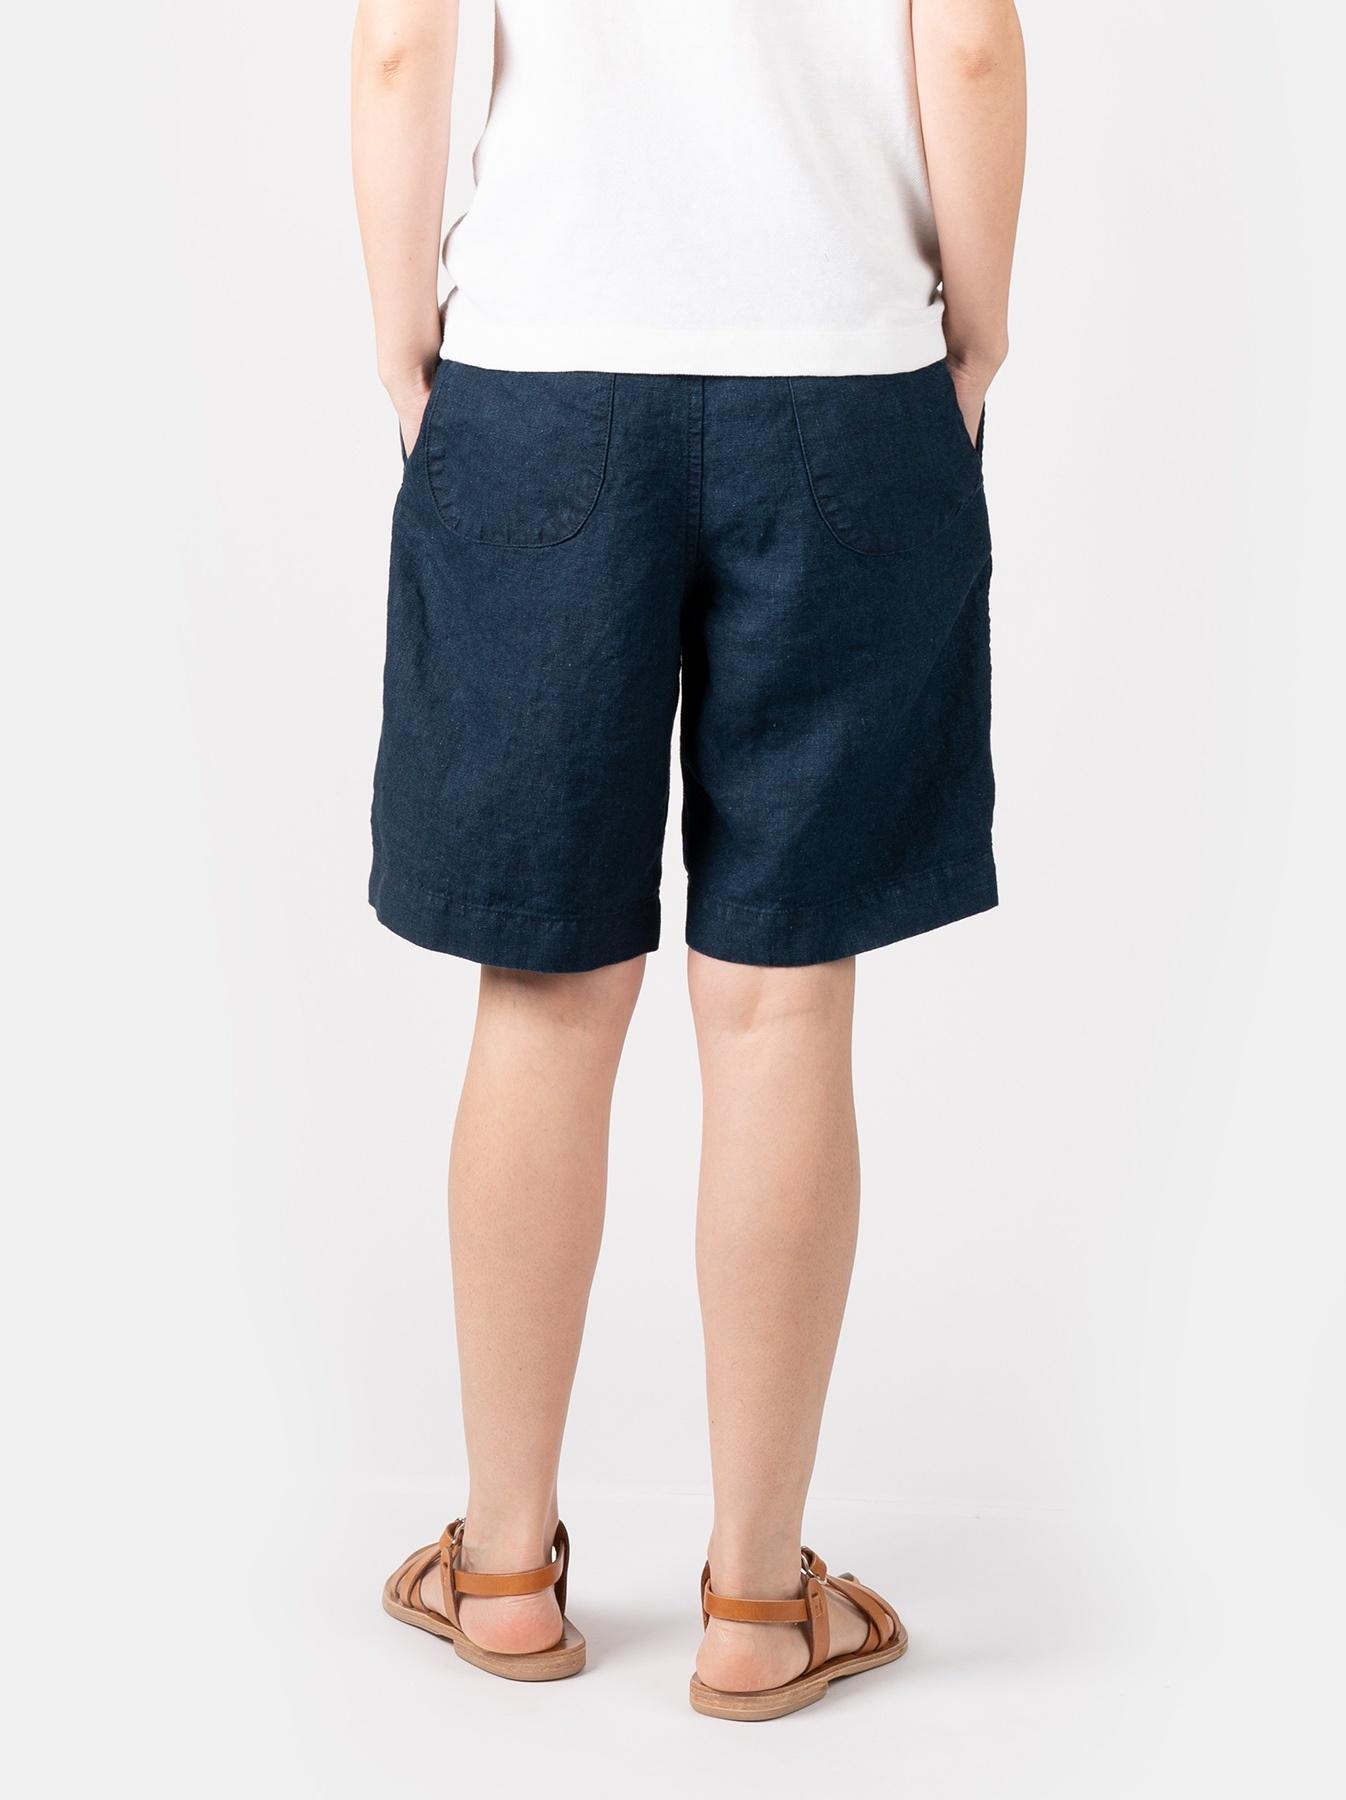 WH Indigo Doek Majotae Umiiloha 908 Short Pants-5